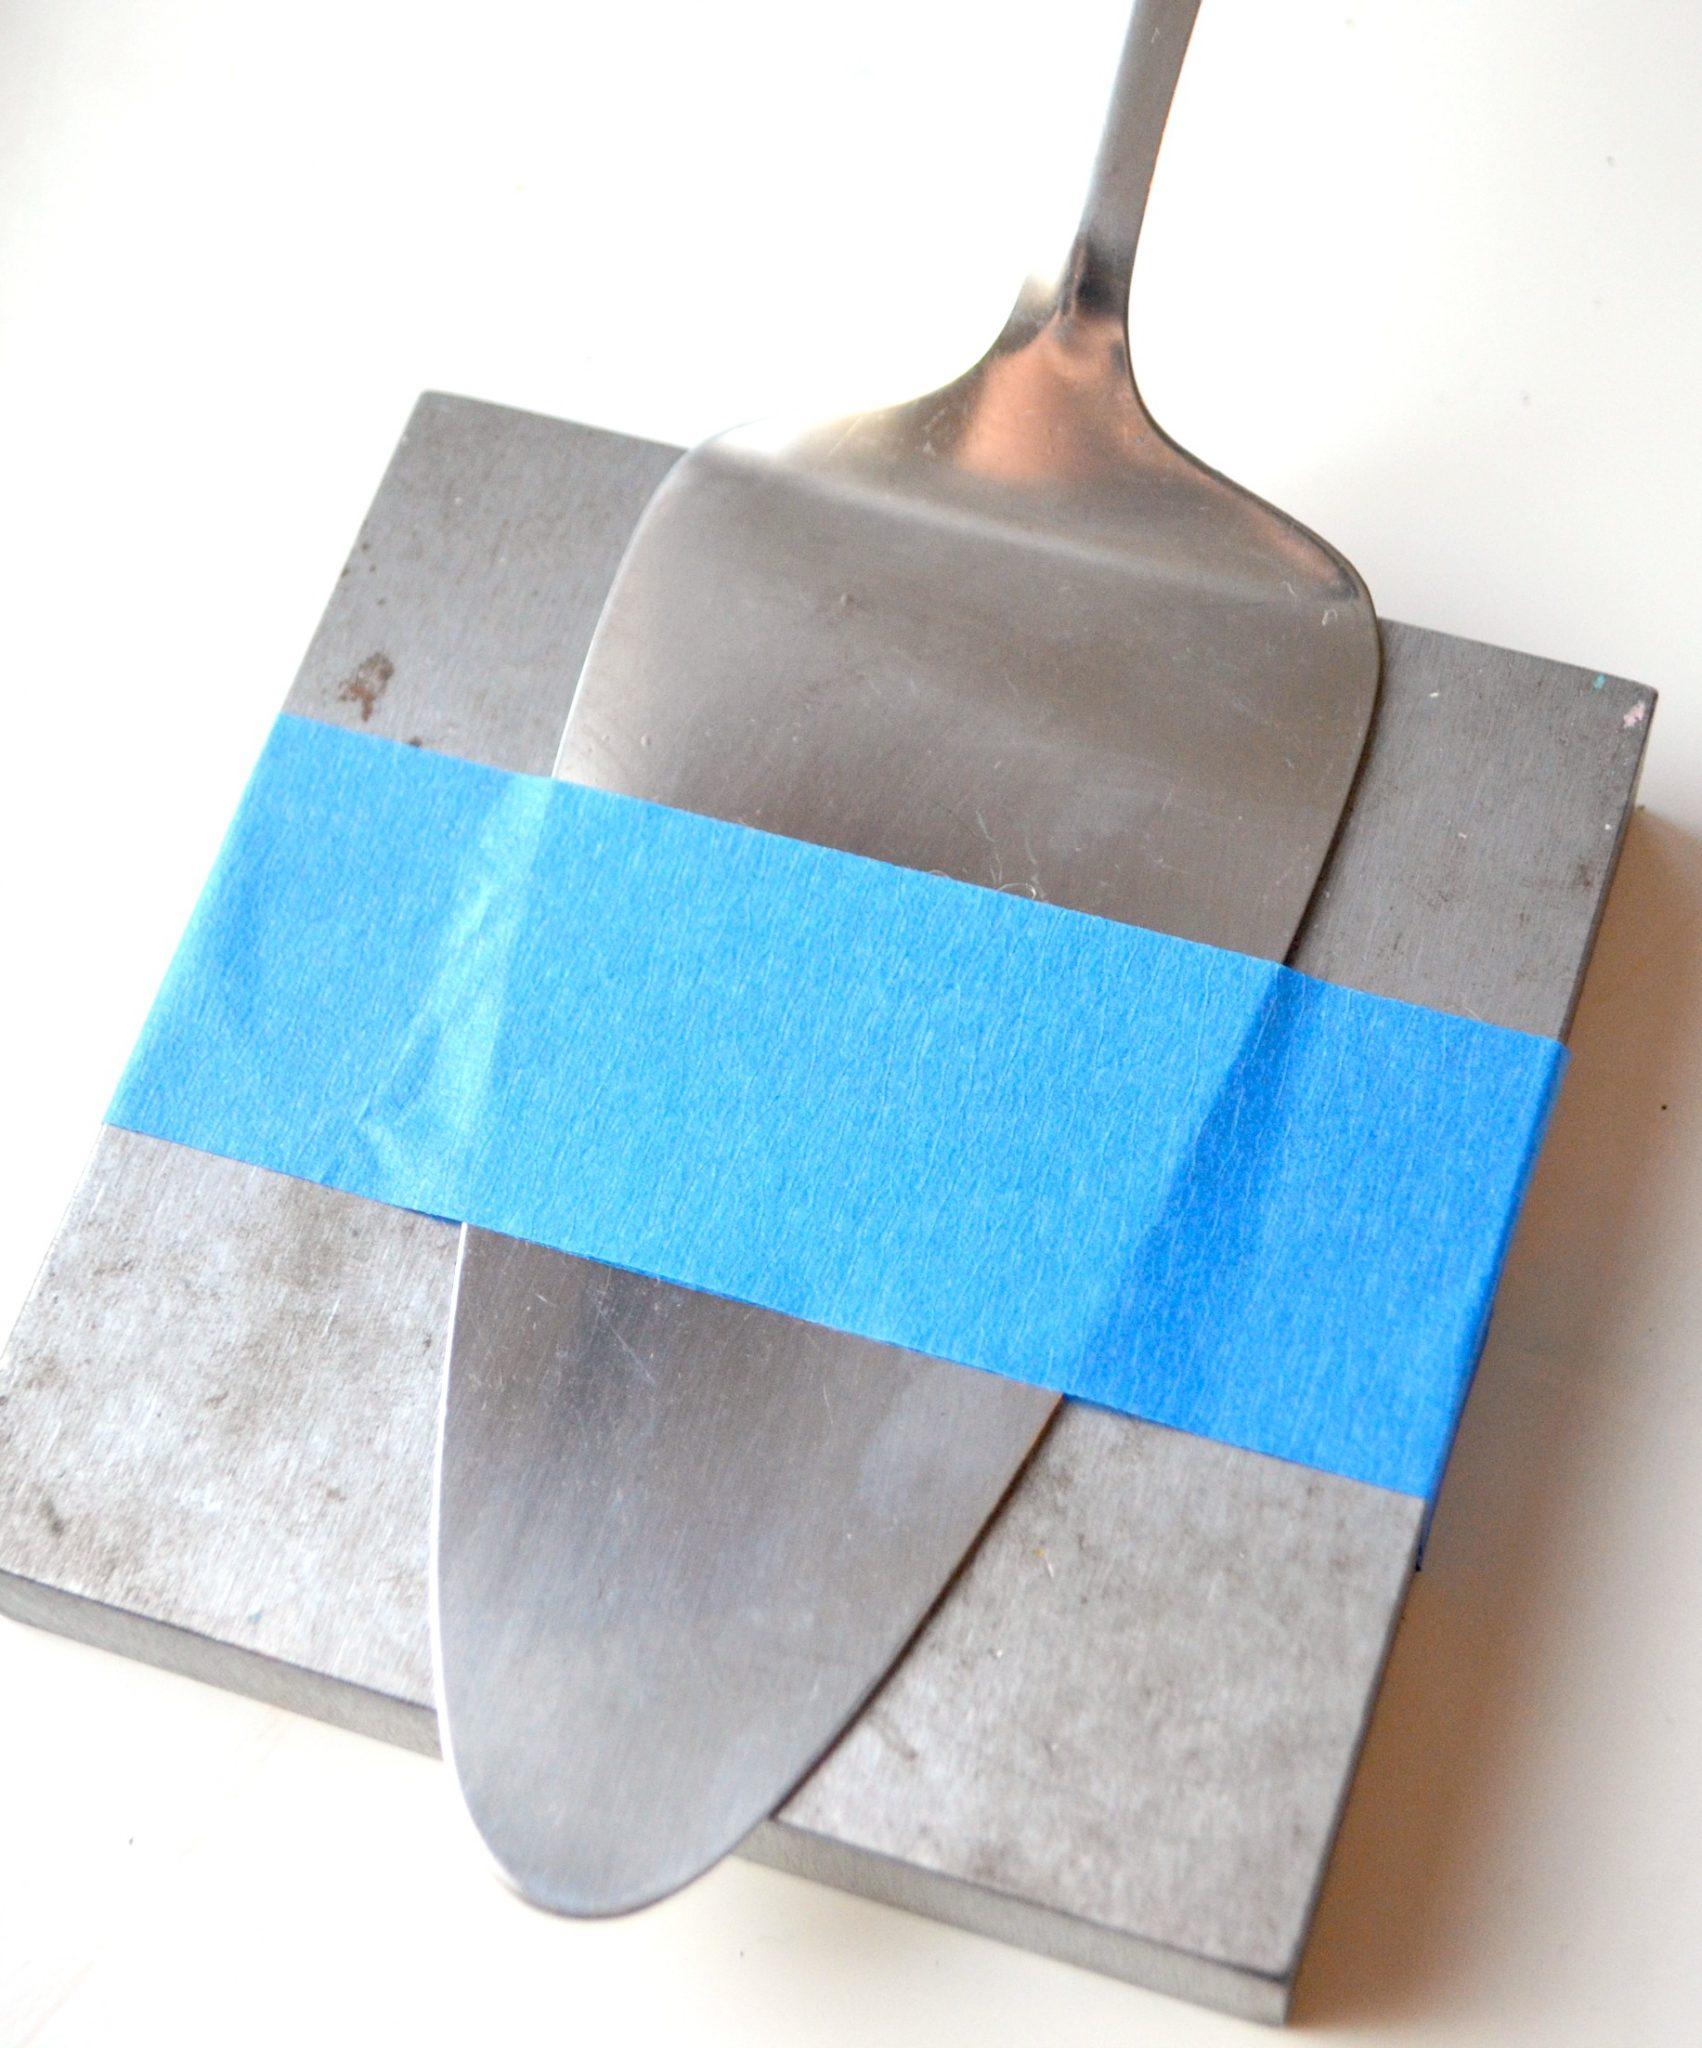 spatula2